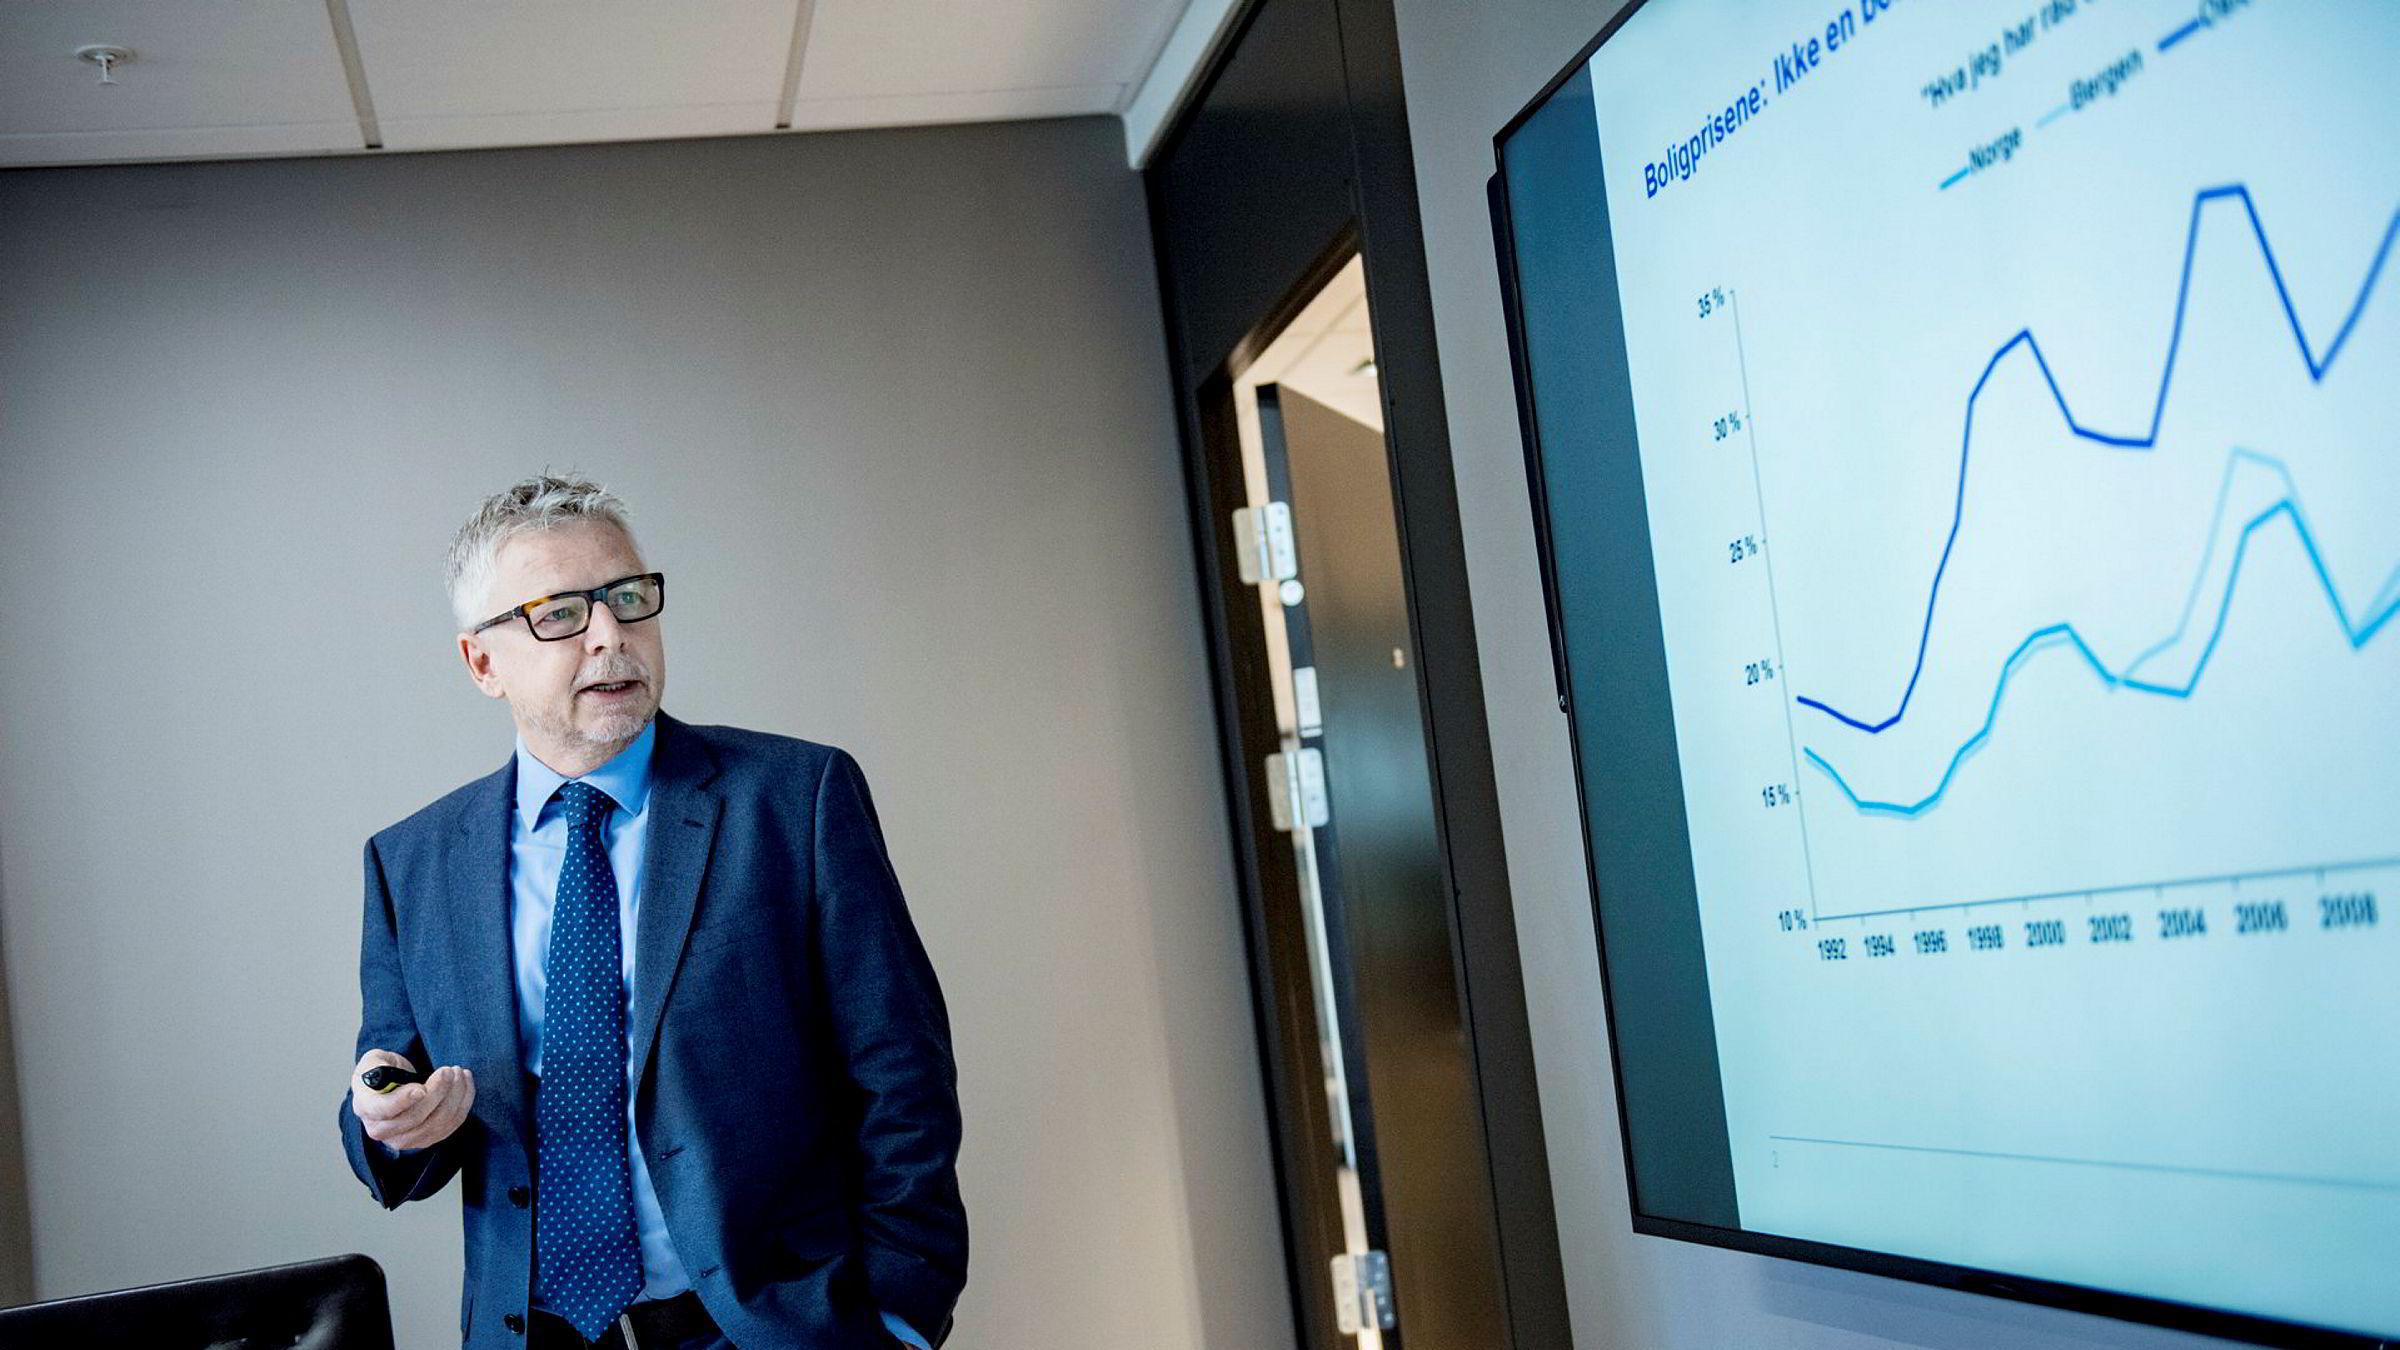 Sjefanalytiker Erik Bruce mener det er en merkelig kombinasjon at oljeprisen stiger mens kronen svekkes. Denne kombinasjonen kan potensielt føre til et tidligere rentehopp fra Norges Bank, mener han.